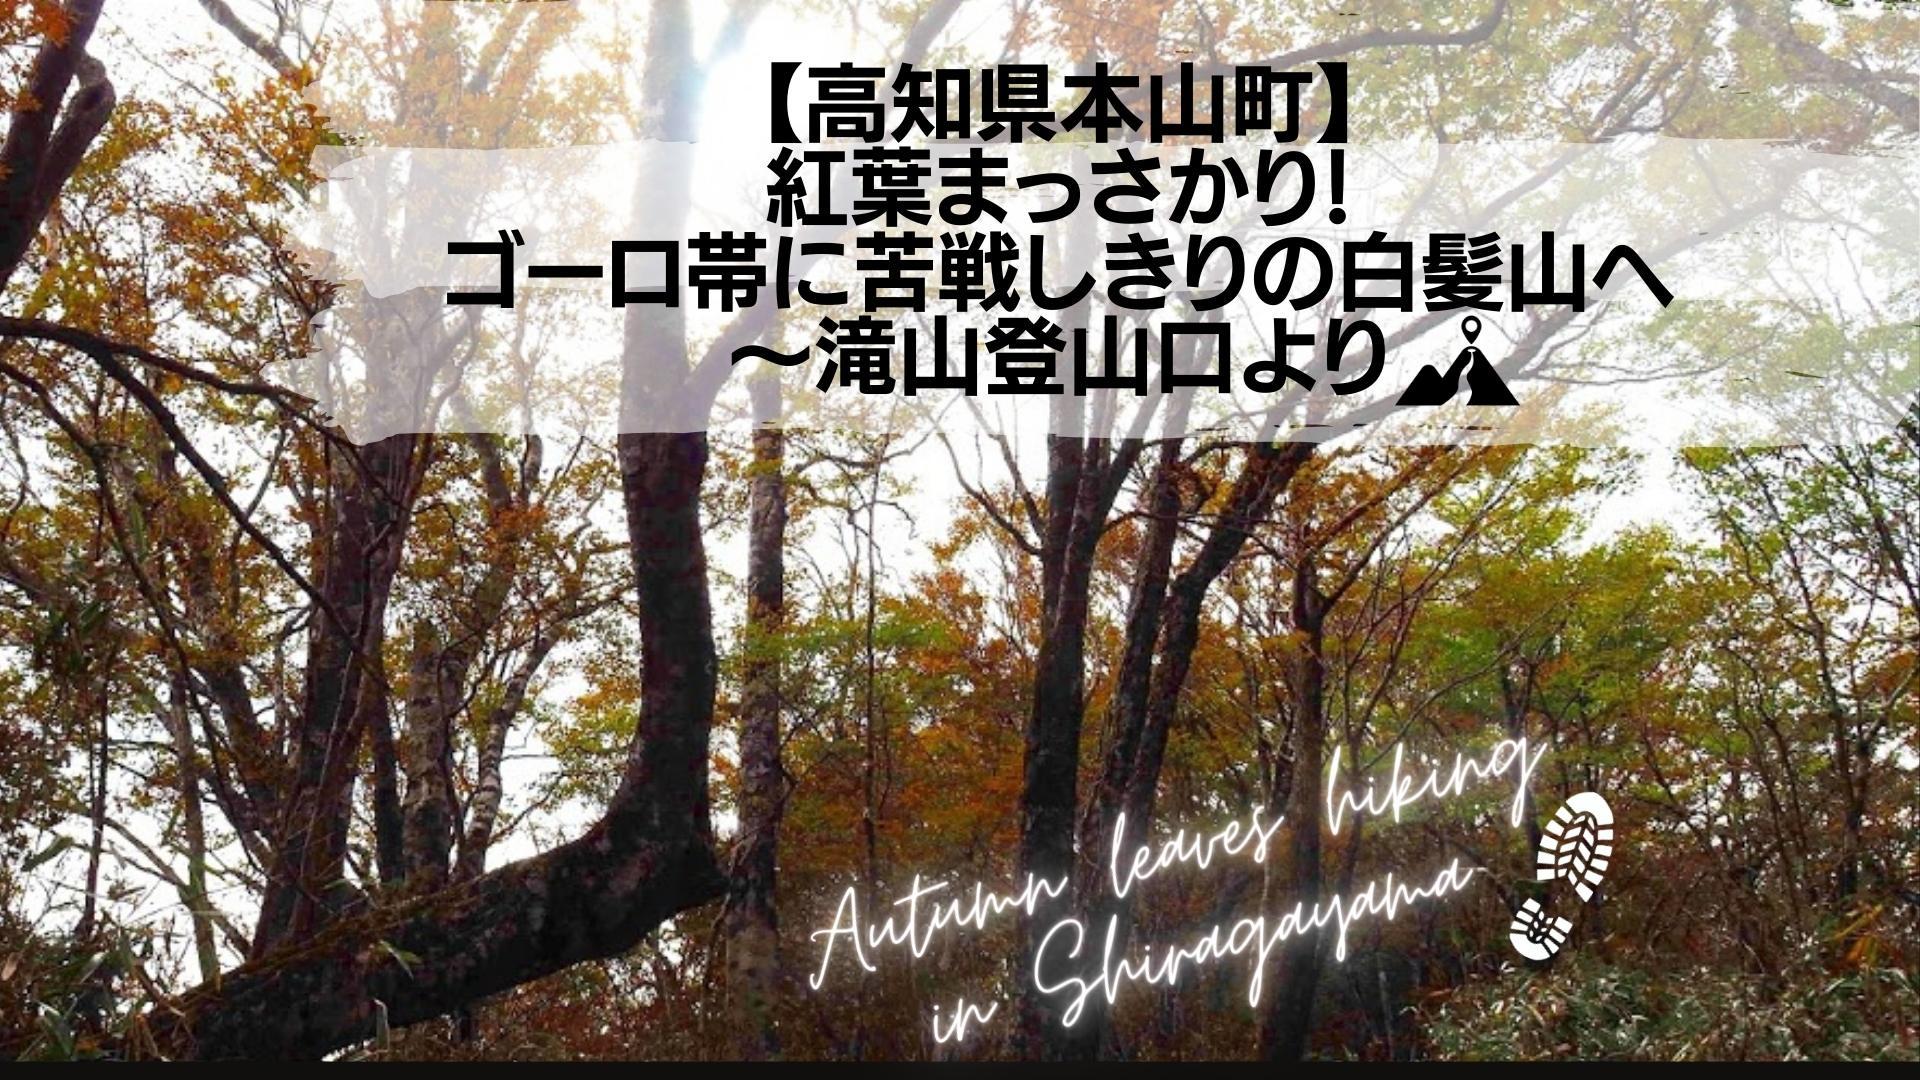 【高知県本山町】 紅葉まっさかり! ゴーロ帯に苦戦しきりの白髪山へ 〜滝山登山口より